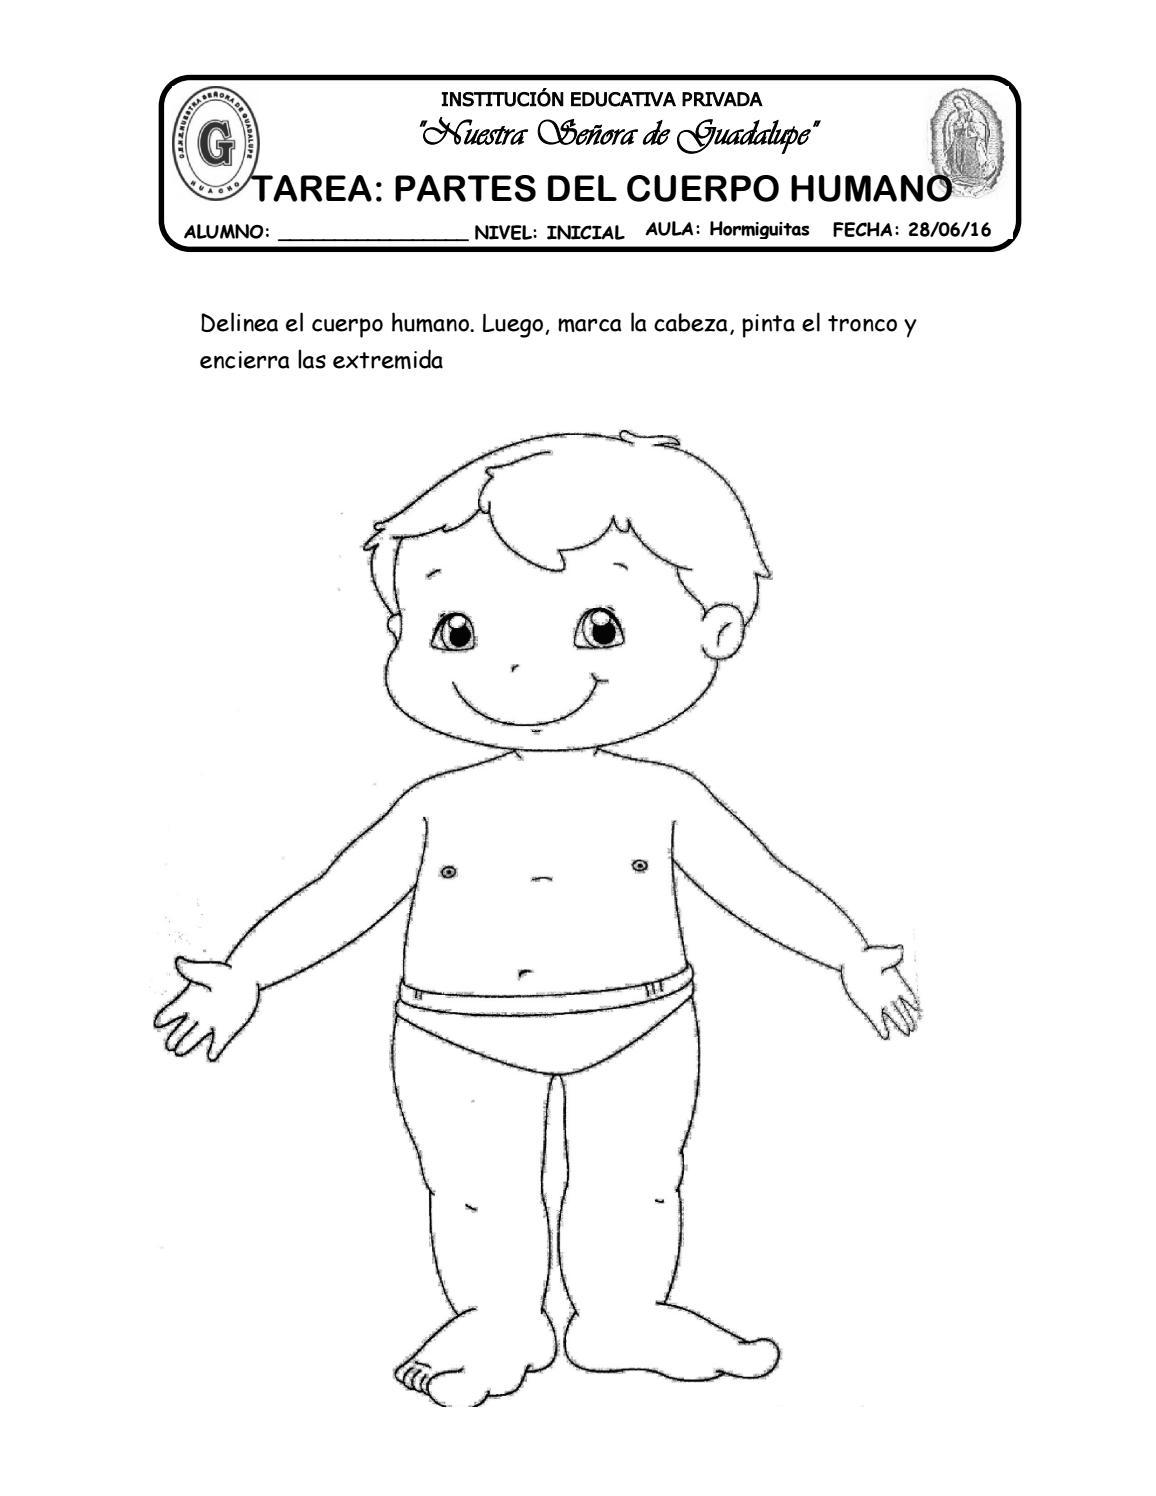 35 tarea partes del cuerpo humano by katy-hormiguita - issuu